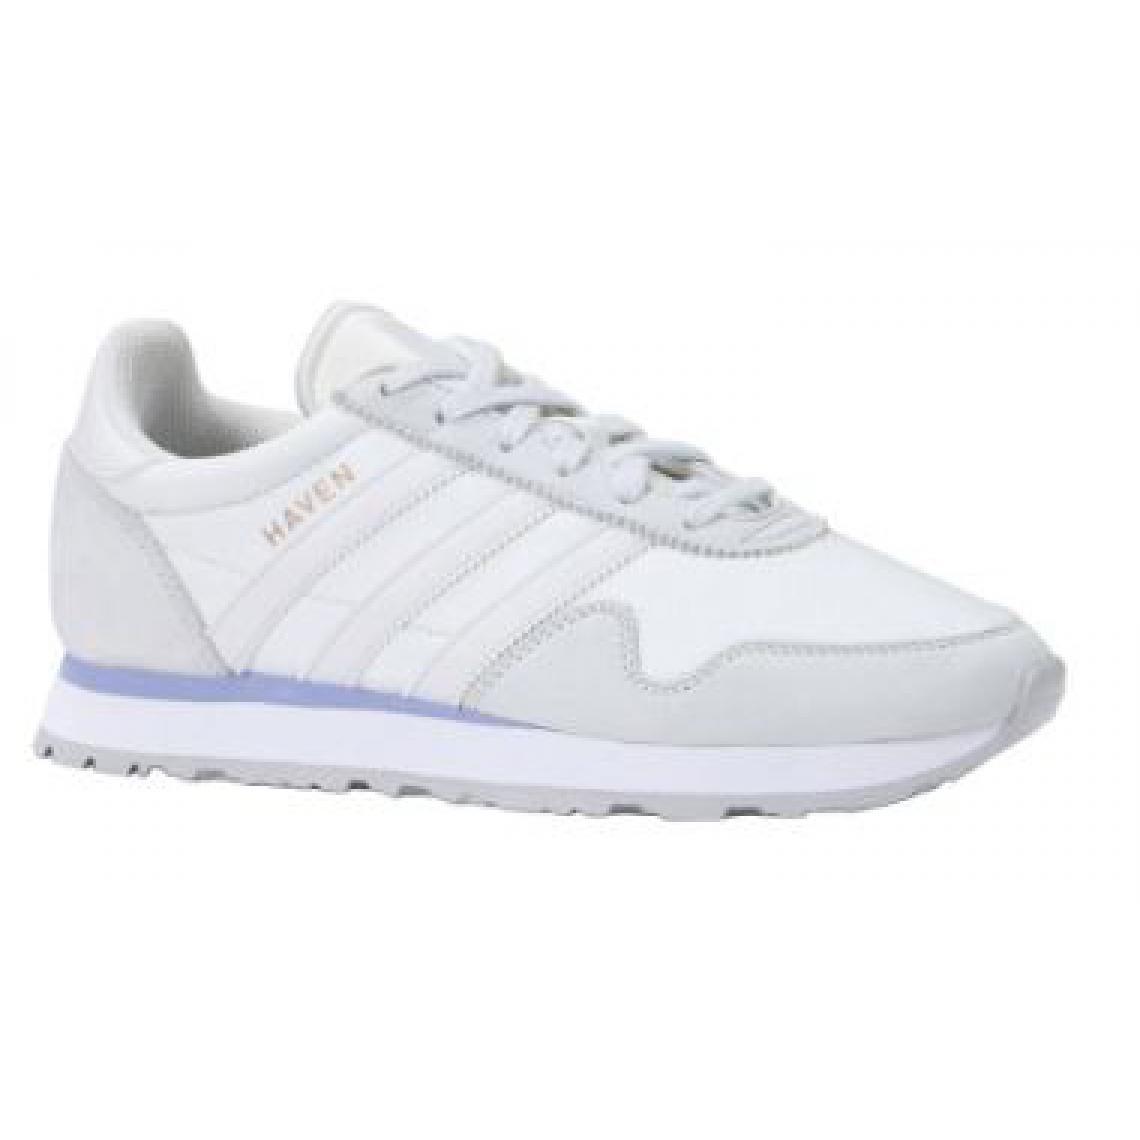 acheter populaire d58c4 98a45 Baskets femme Haven adidas Originals